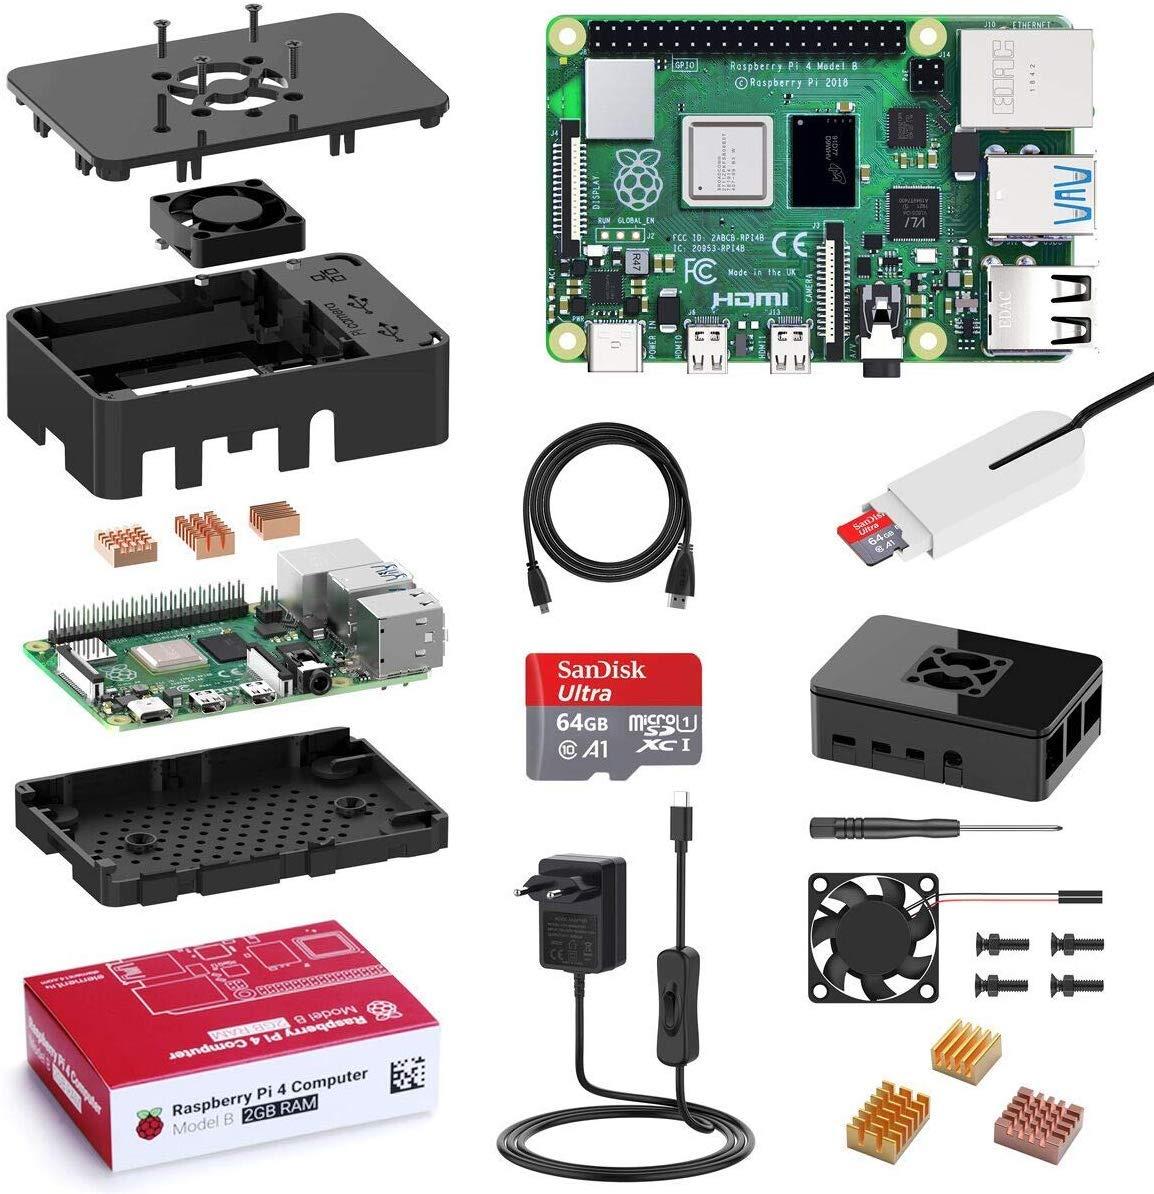 Bqeel Raspberry Pi 4 Model B 【2GB RAM+64GB SD Card 】con HD 4K,BT 5.0,WiFi 2.4G/5G/1000M Ethernet,2*USB 3.0/USB 2.0,USB-C Adaptador de Corriente con ...